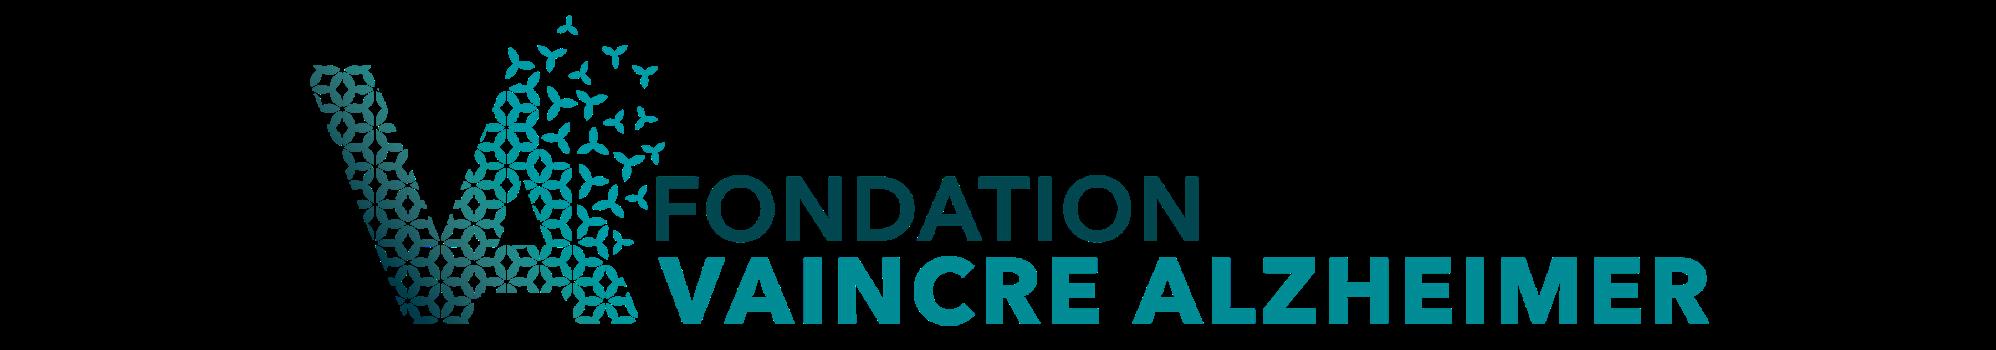 La collecte des Kiwis - Fondation Vaincre Alzheimer